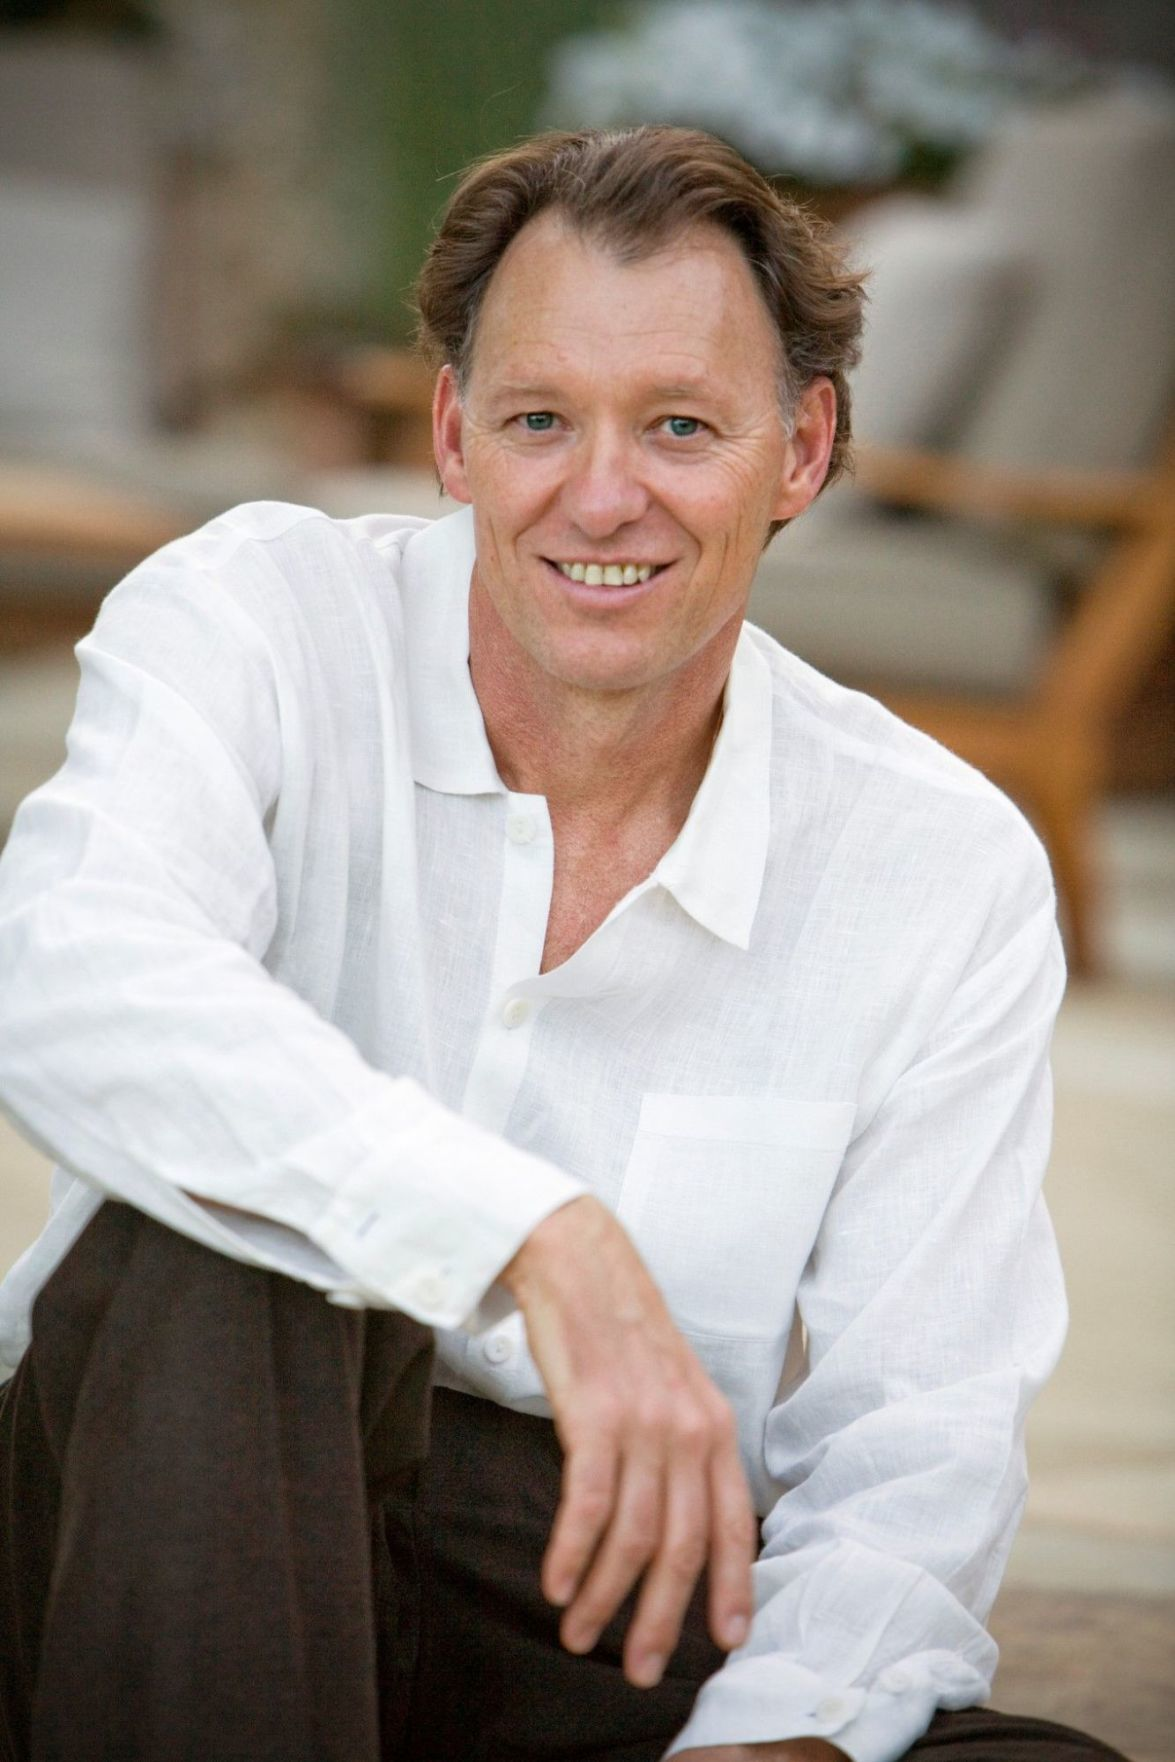 Paul Asmuth